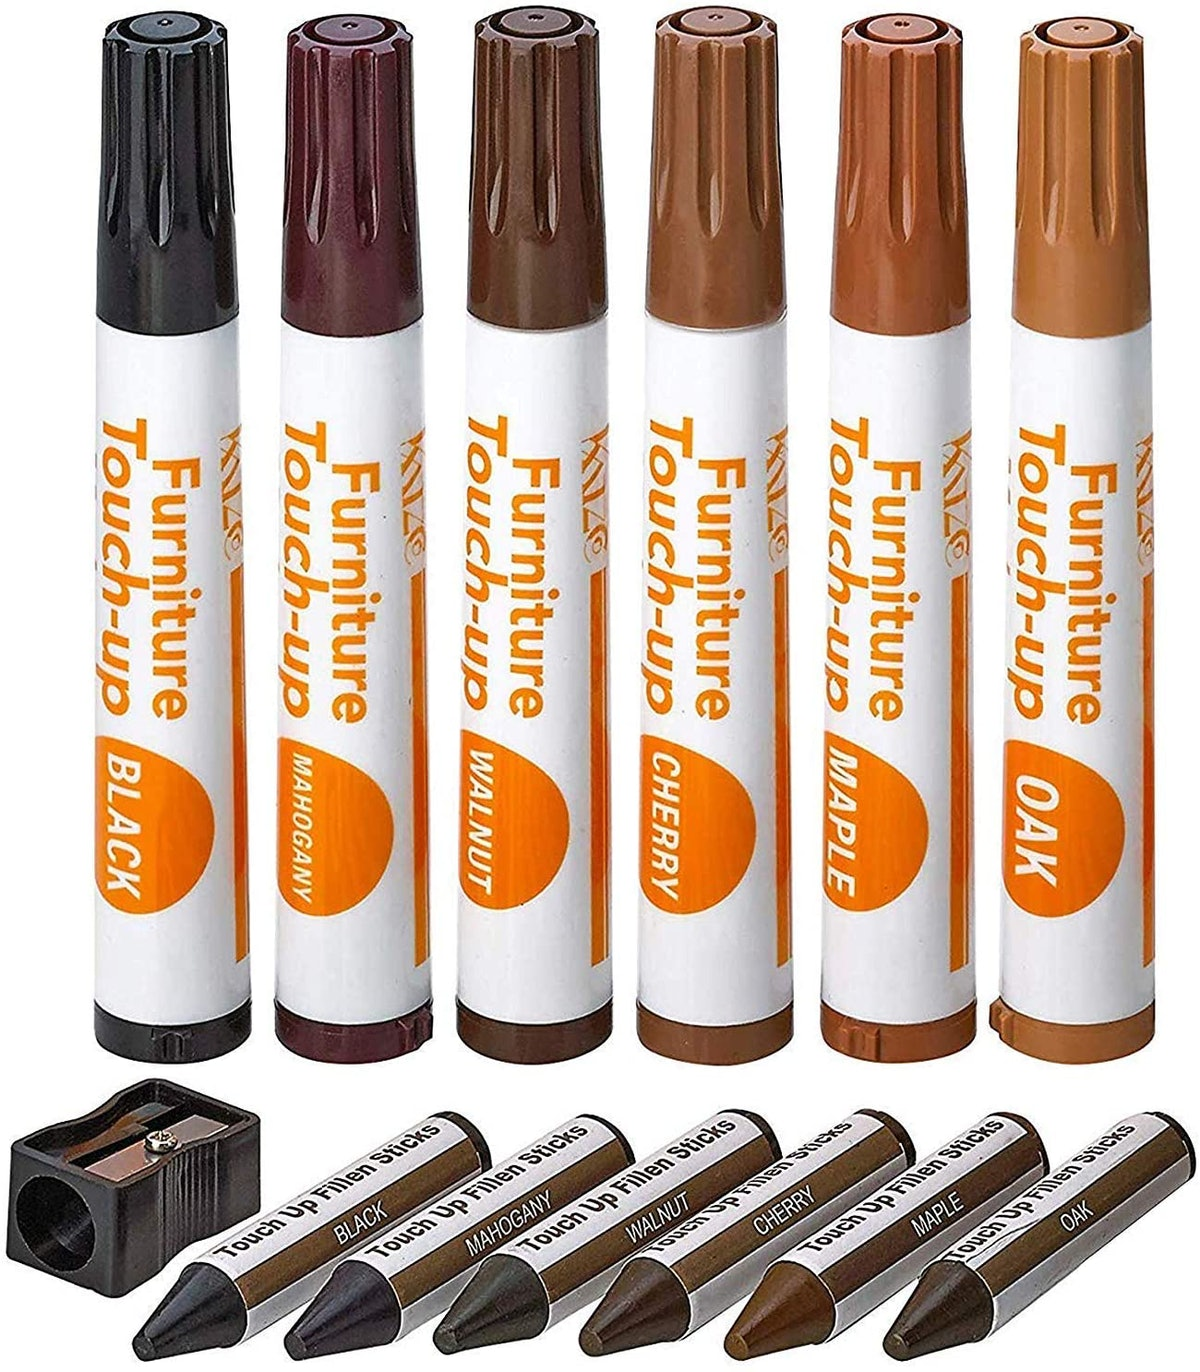 Katzco Furniture Repair Kit Wood Markers (Set of 13)